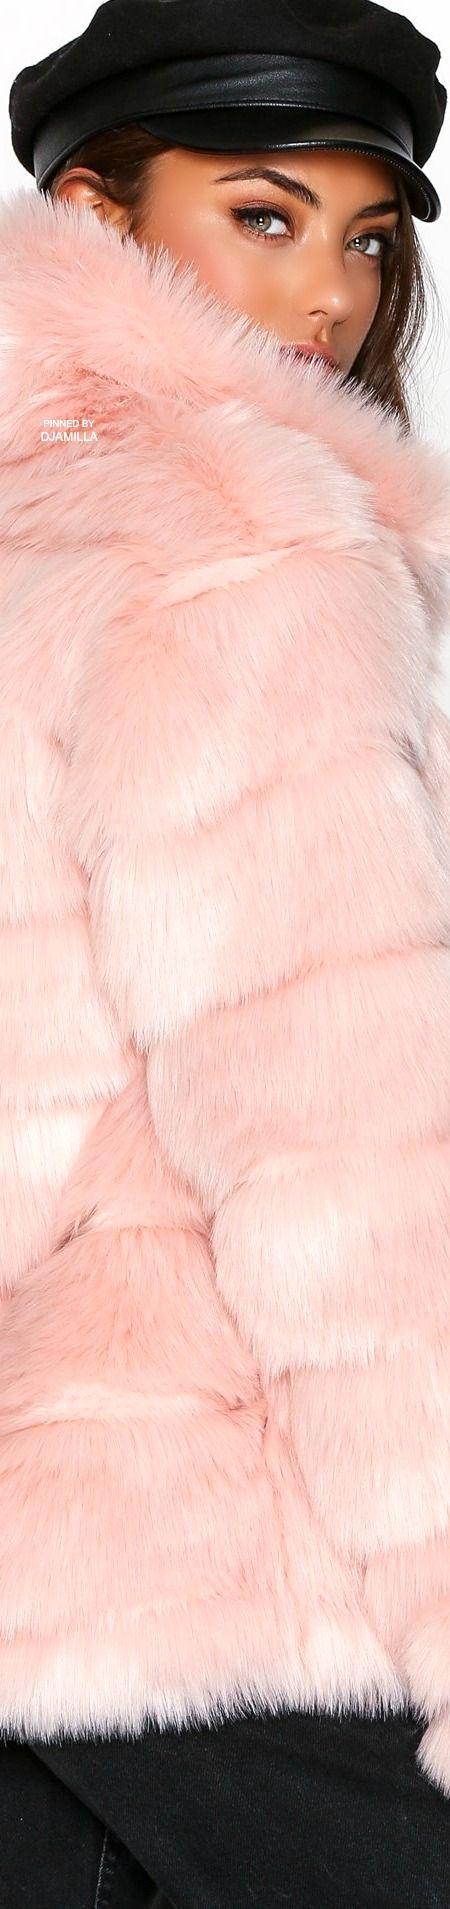 Trending Fur Fashion